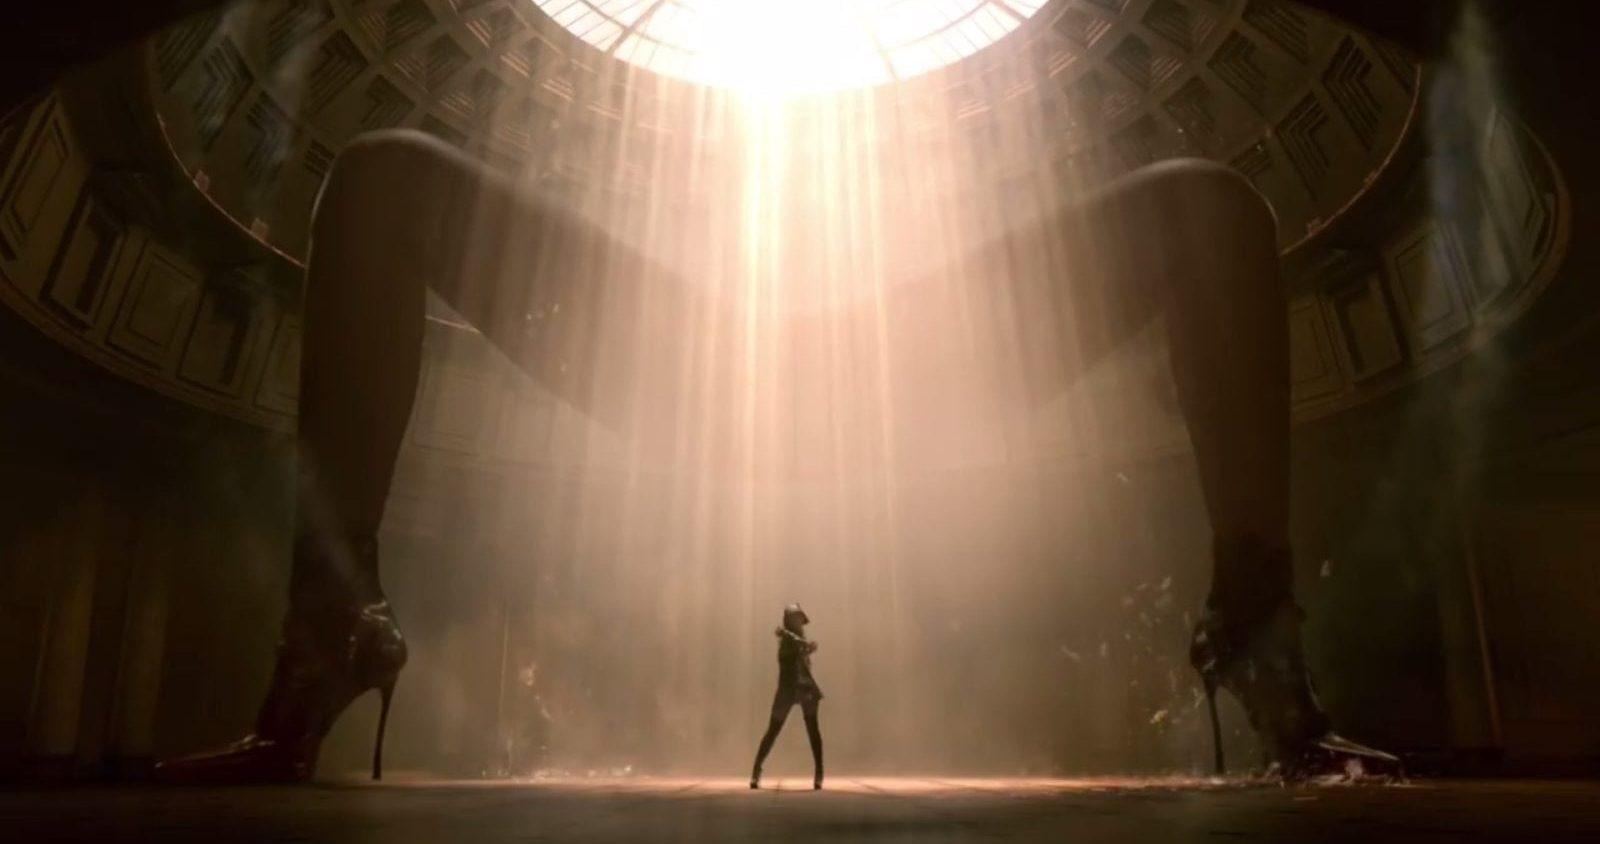 İzleyin: Ariana Grande'nin Yeni Klibinde Tanrı, Madonna Tarafından Seslendirildi